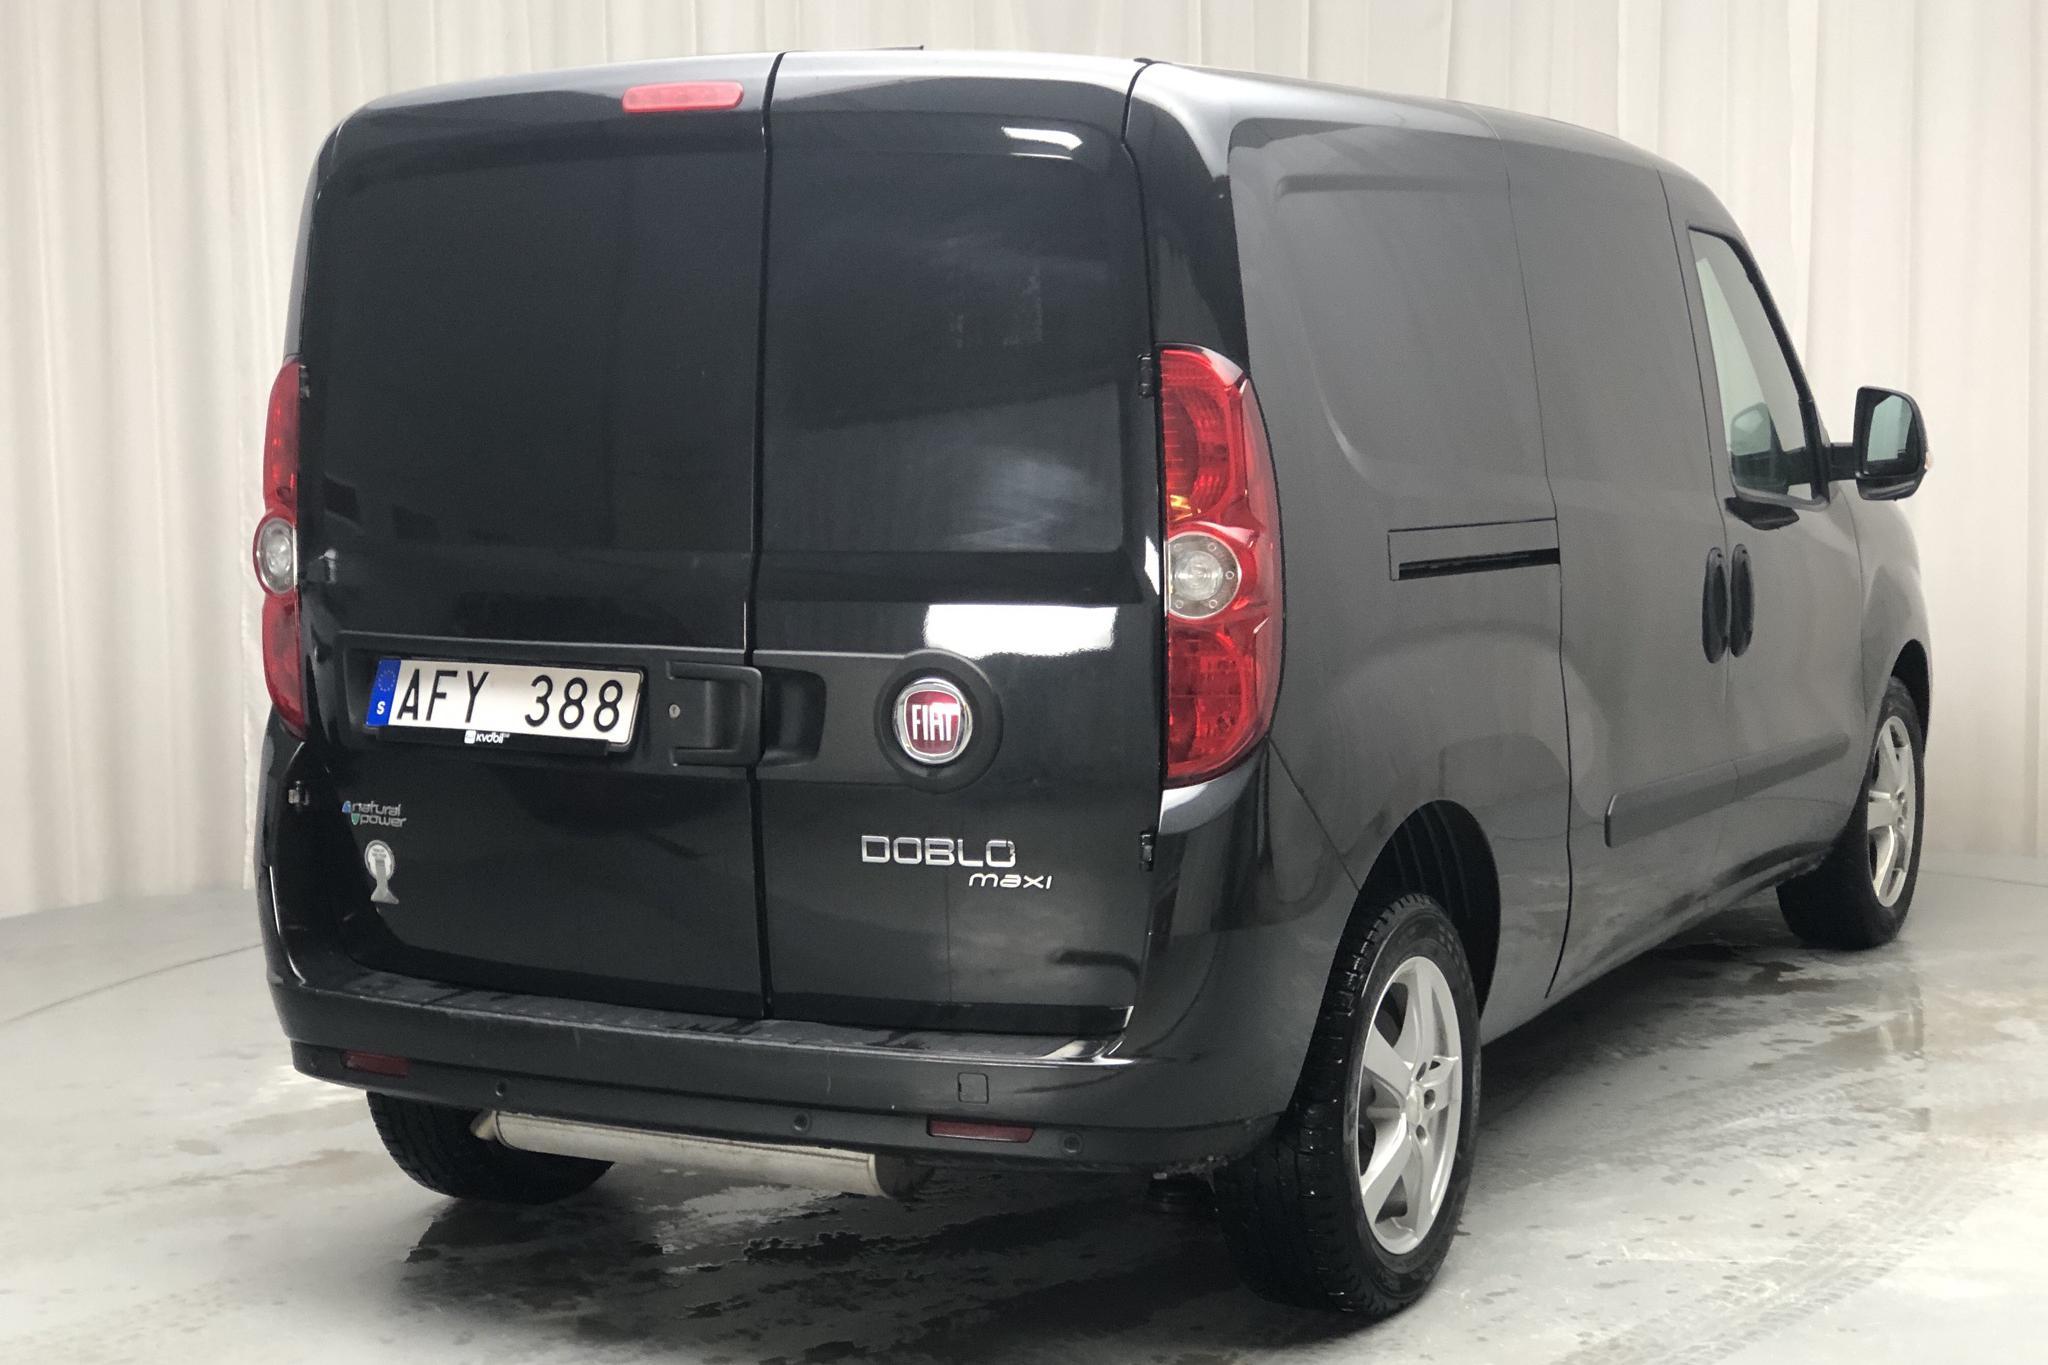 Fiat Doblo Cargo 1.4 CNG (95hk) - 3 959 mil - Manuell - svart - 2011